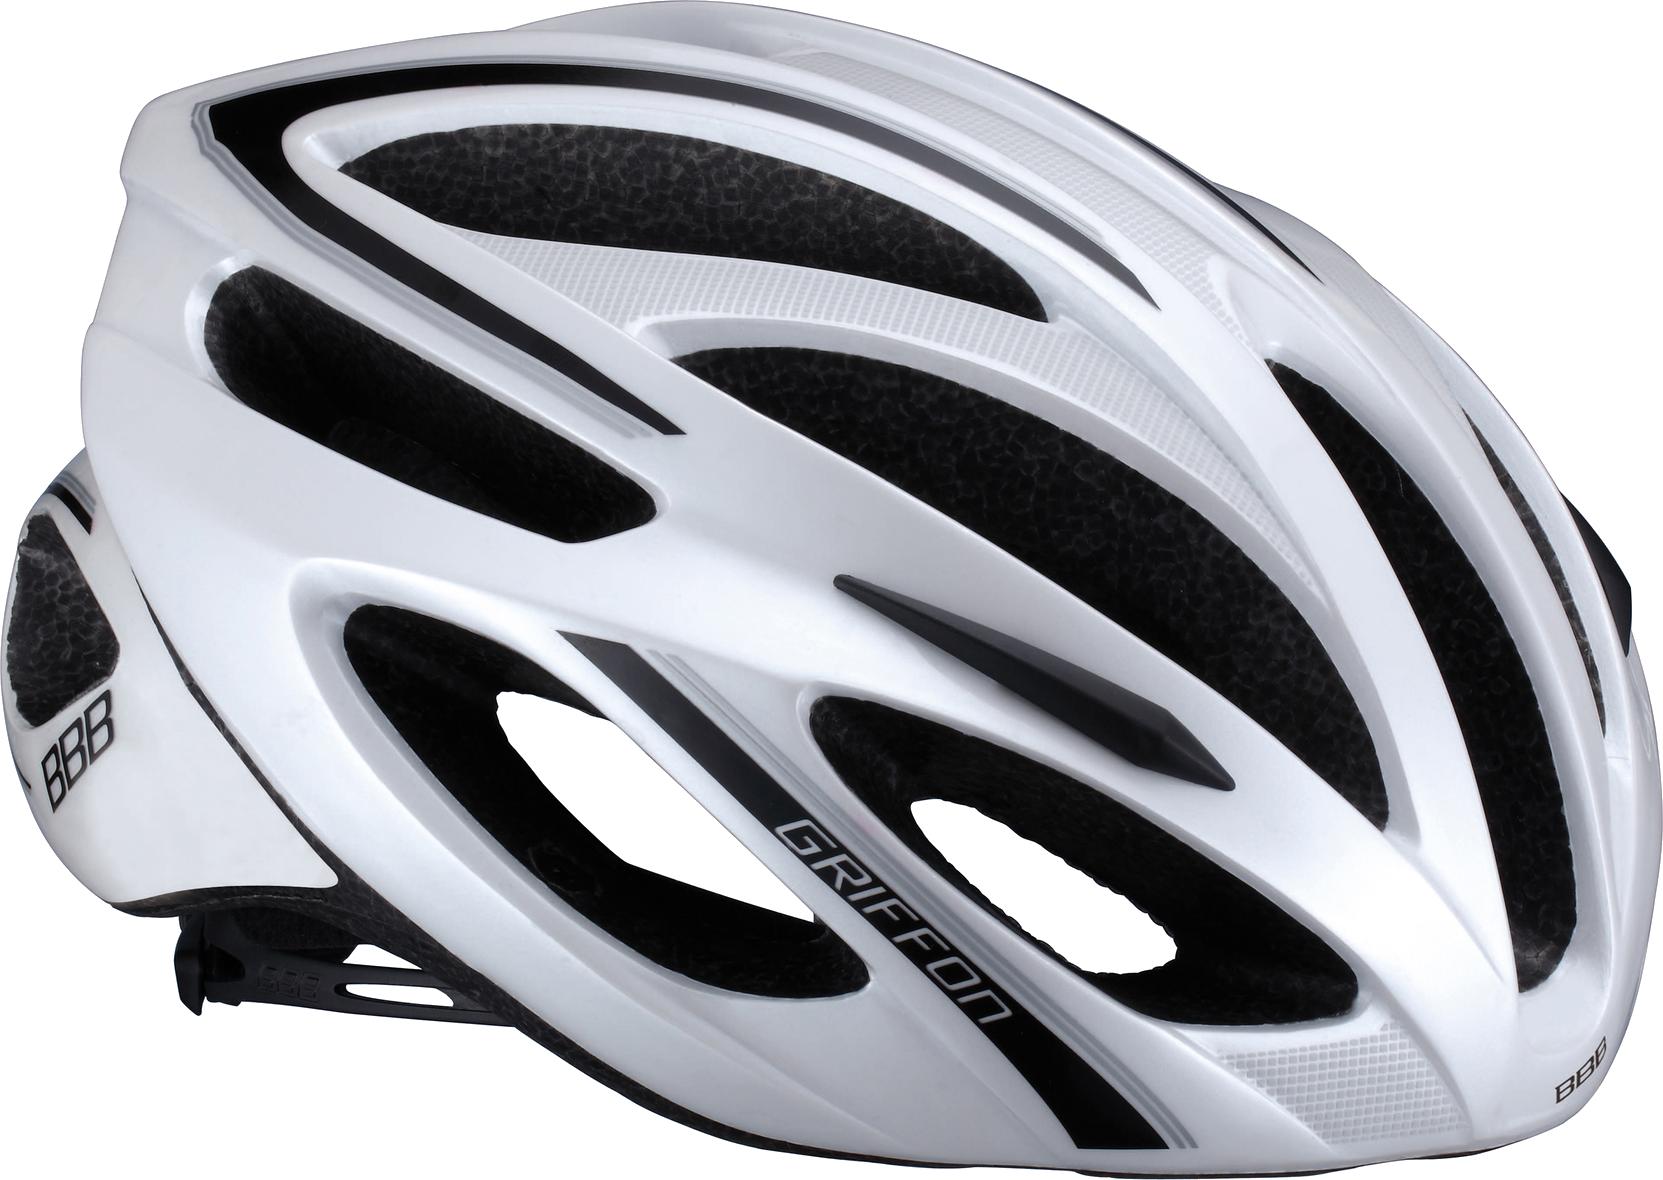 helmet PNG image.